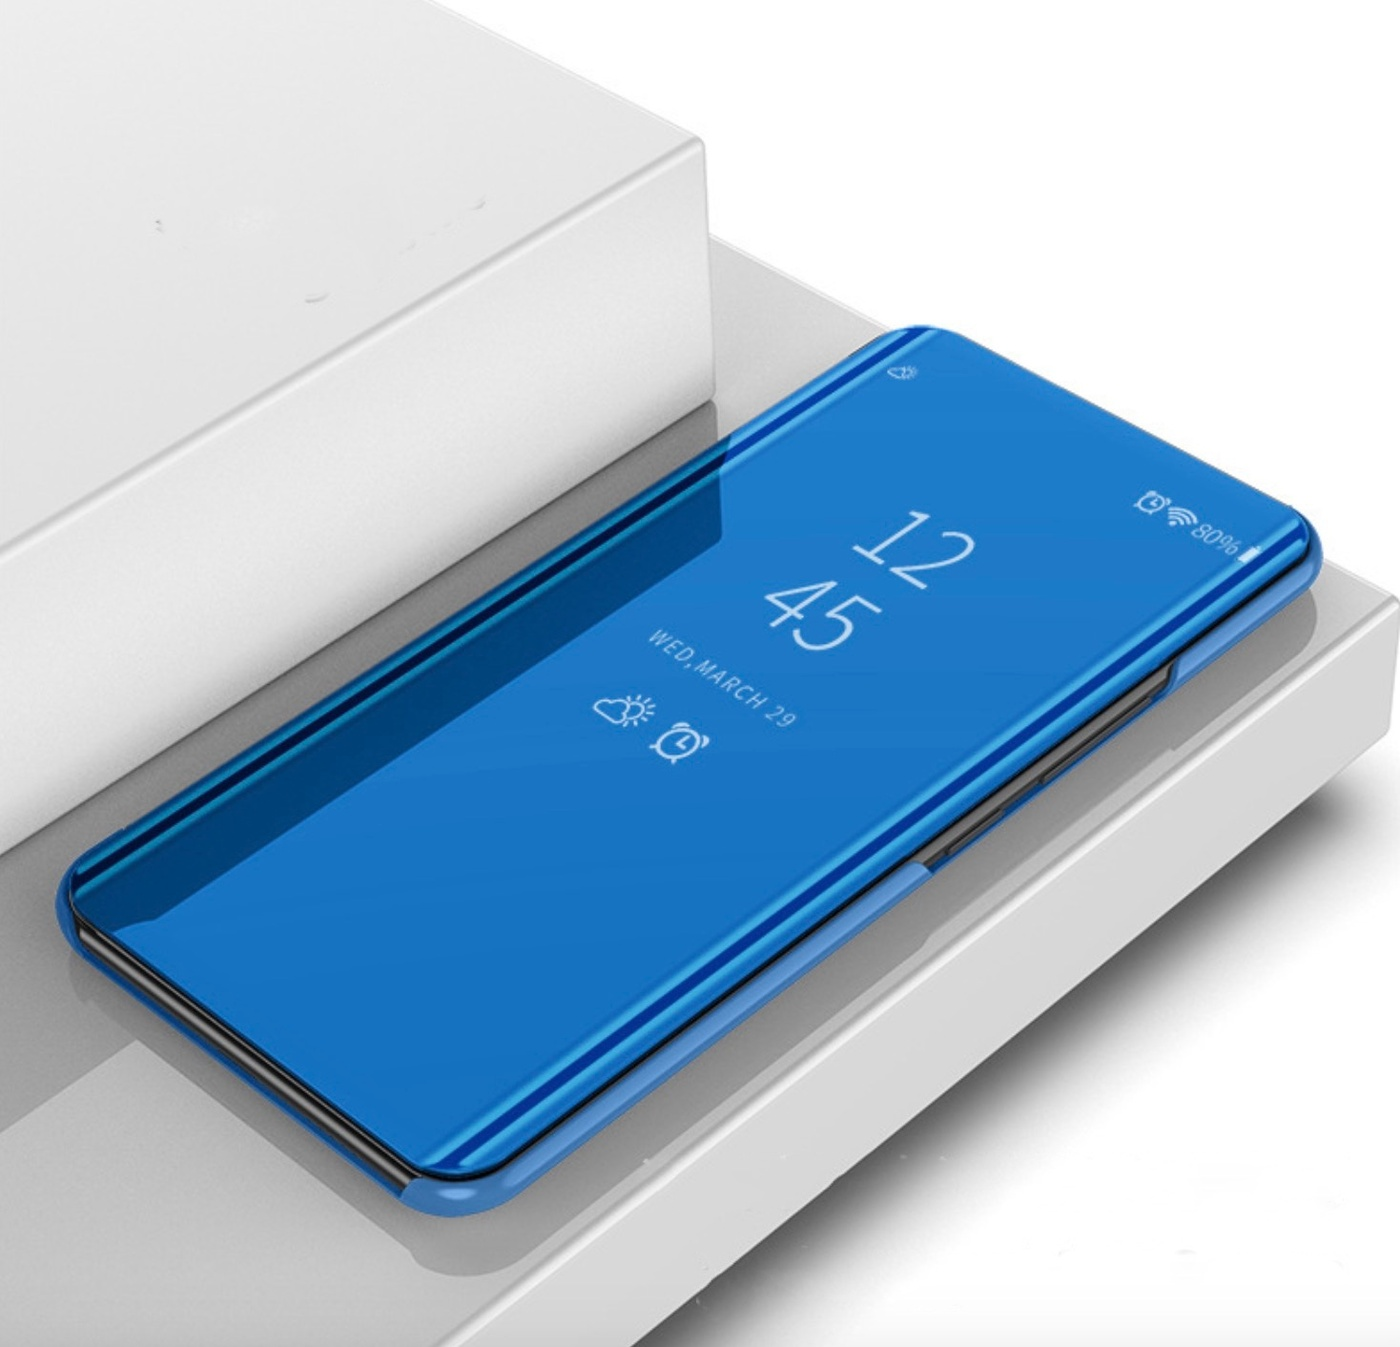 Чехол-книжка MyPads для Oppo A9 (2020)/ OPPO A5 2020 с дизайном Clear View Cover с полупрозрачной пластиковой крышкой с зеркальной поверхностью синий